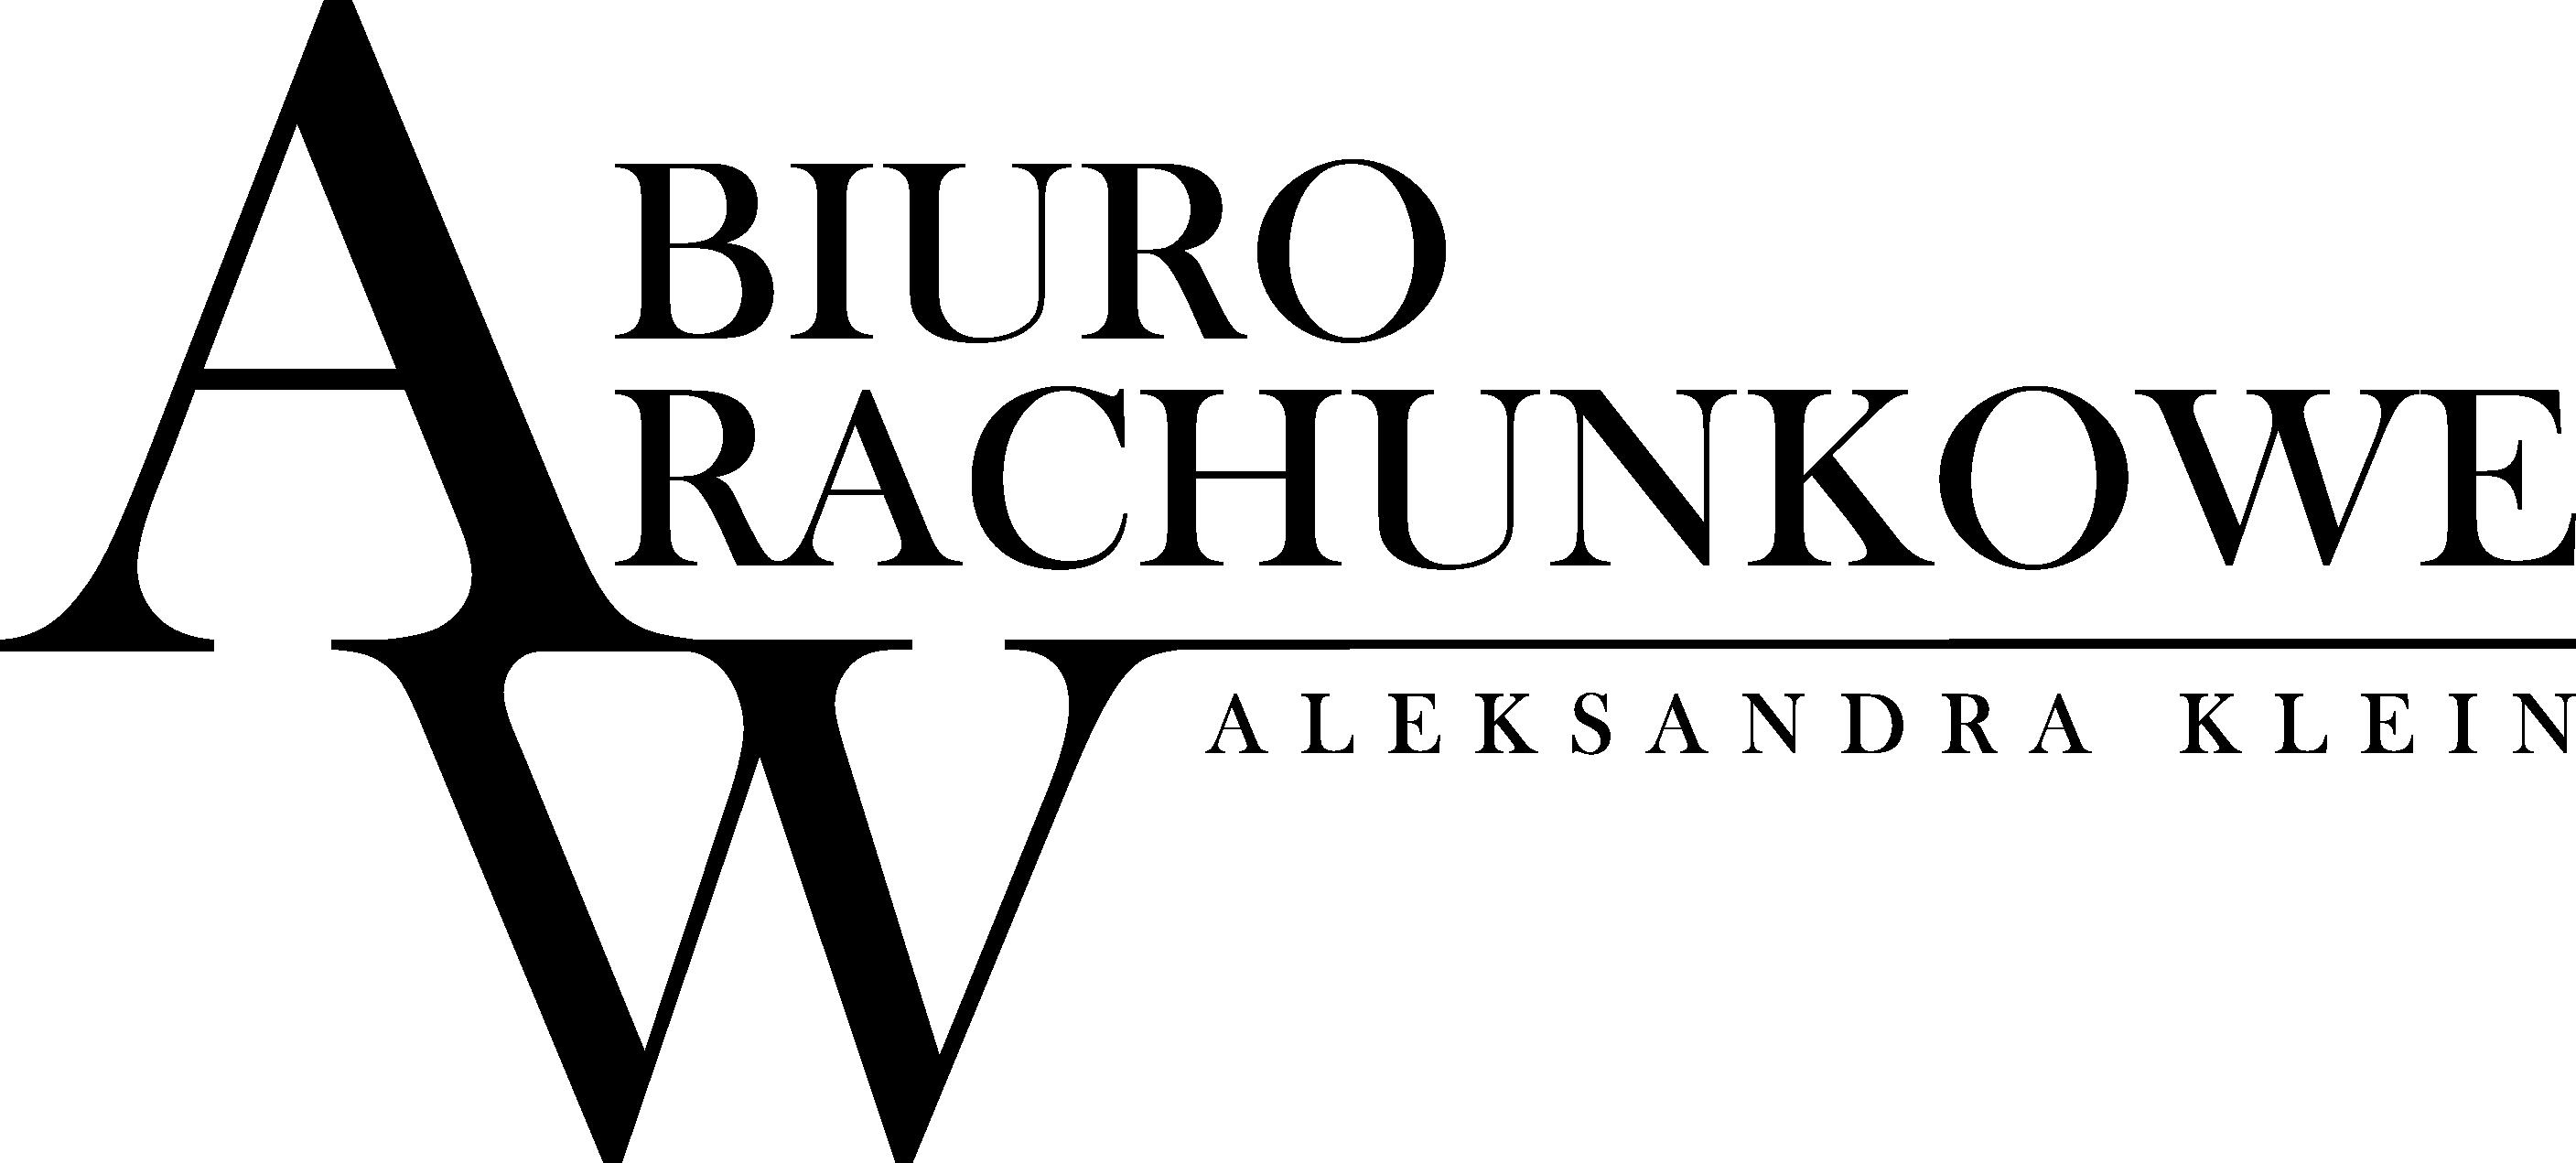 aw-logo-25-08-2016